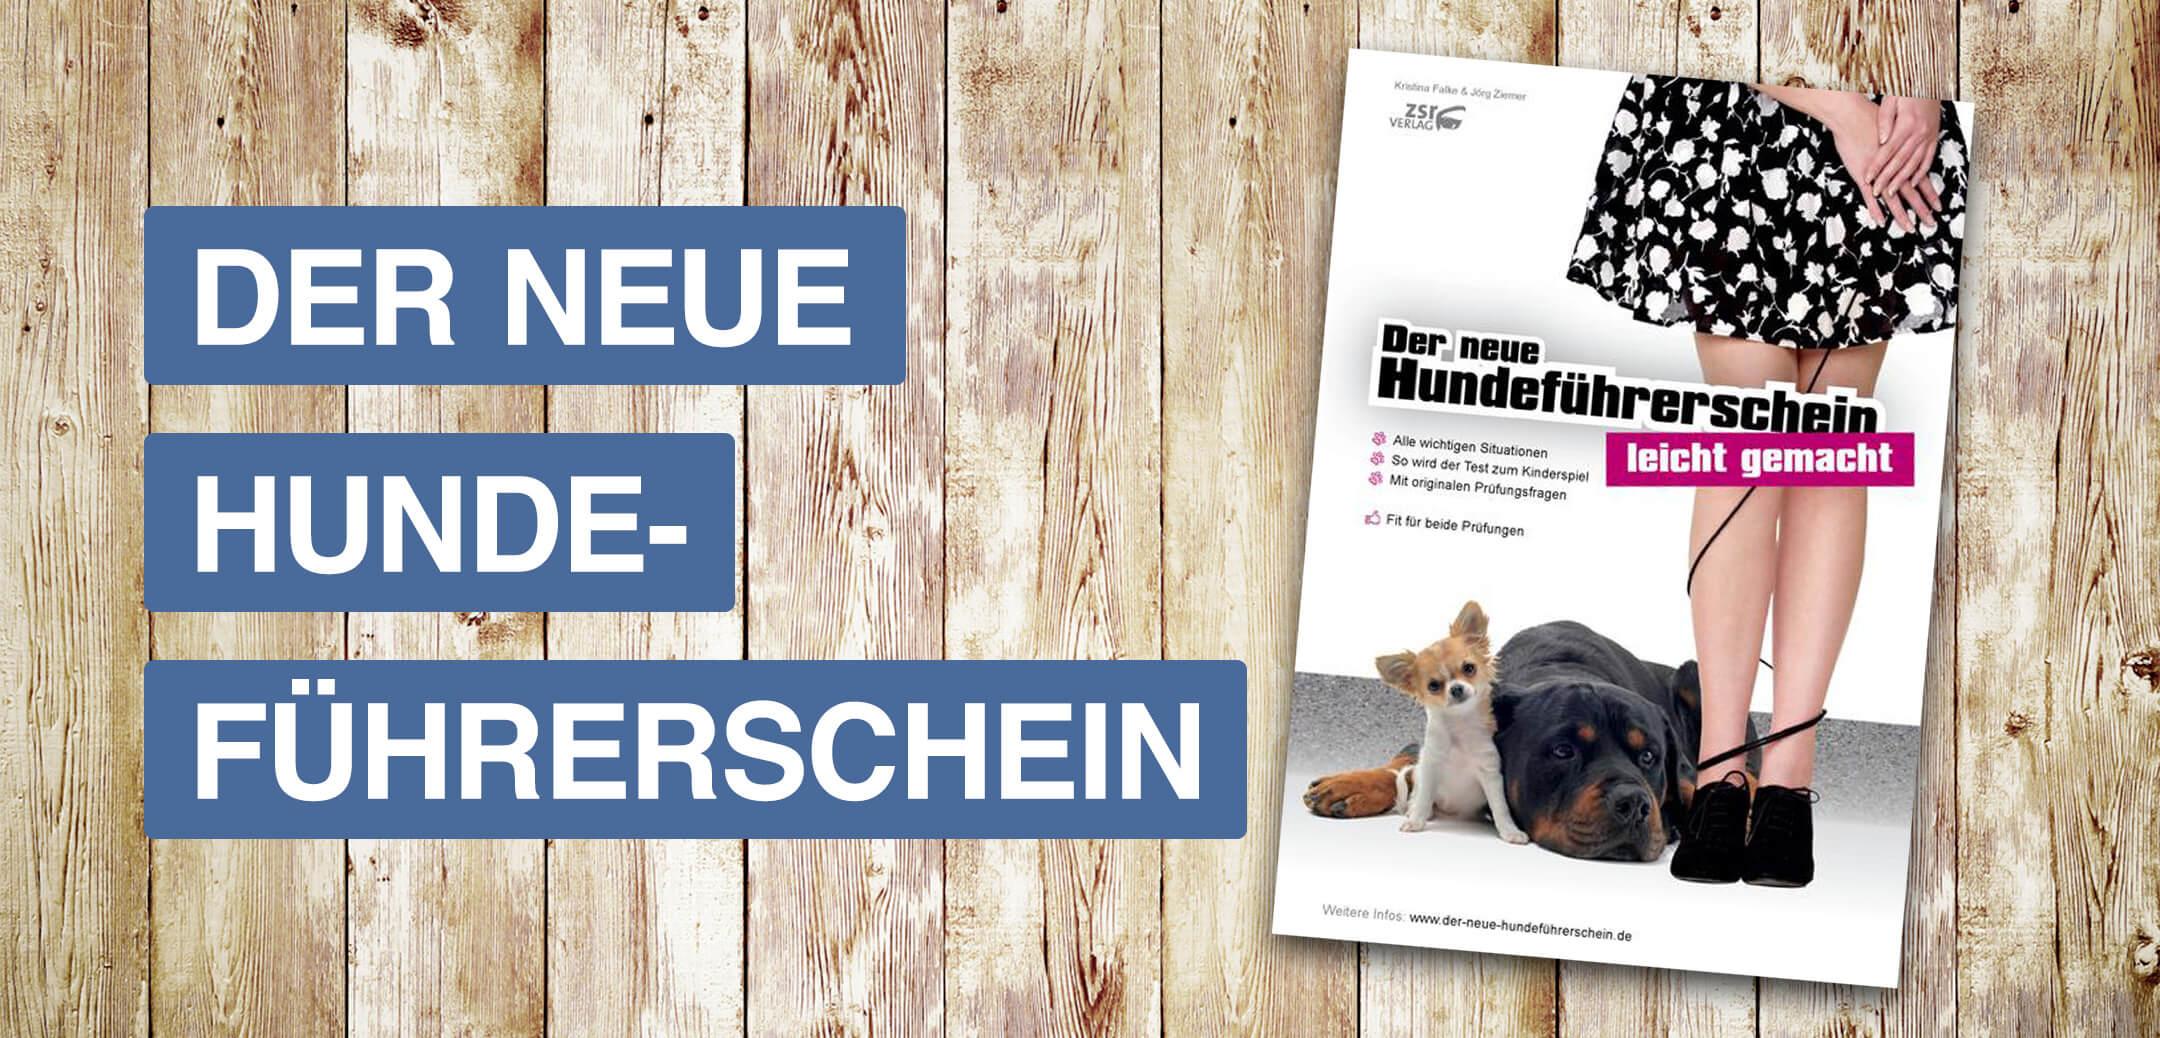 der neue Hundeführerschein - ein Buch von Ziemer & Falke